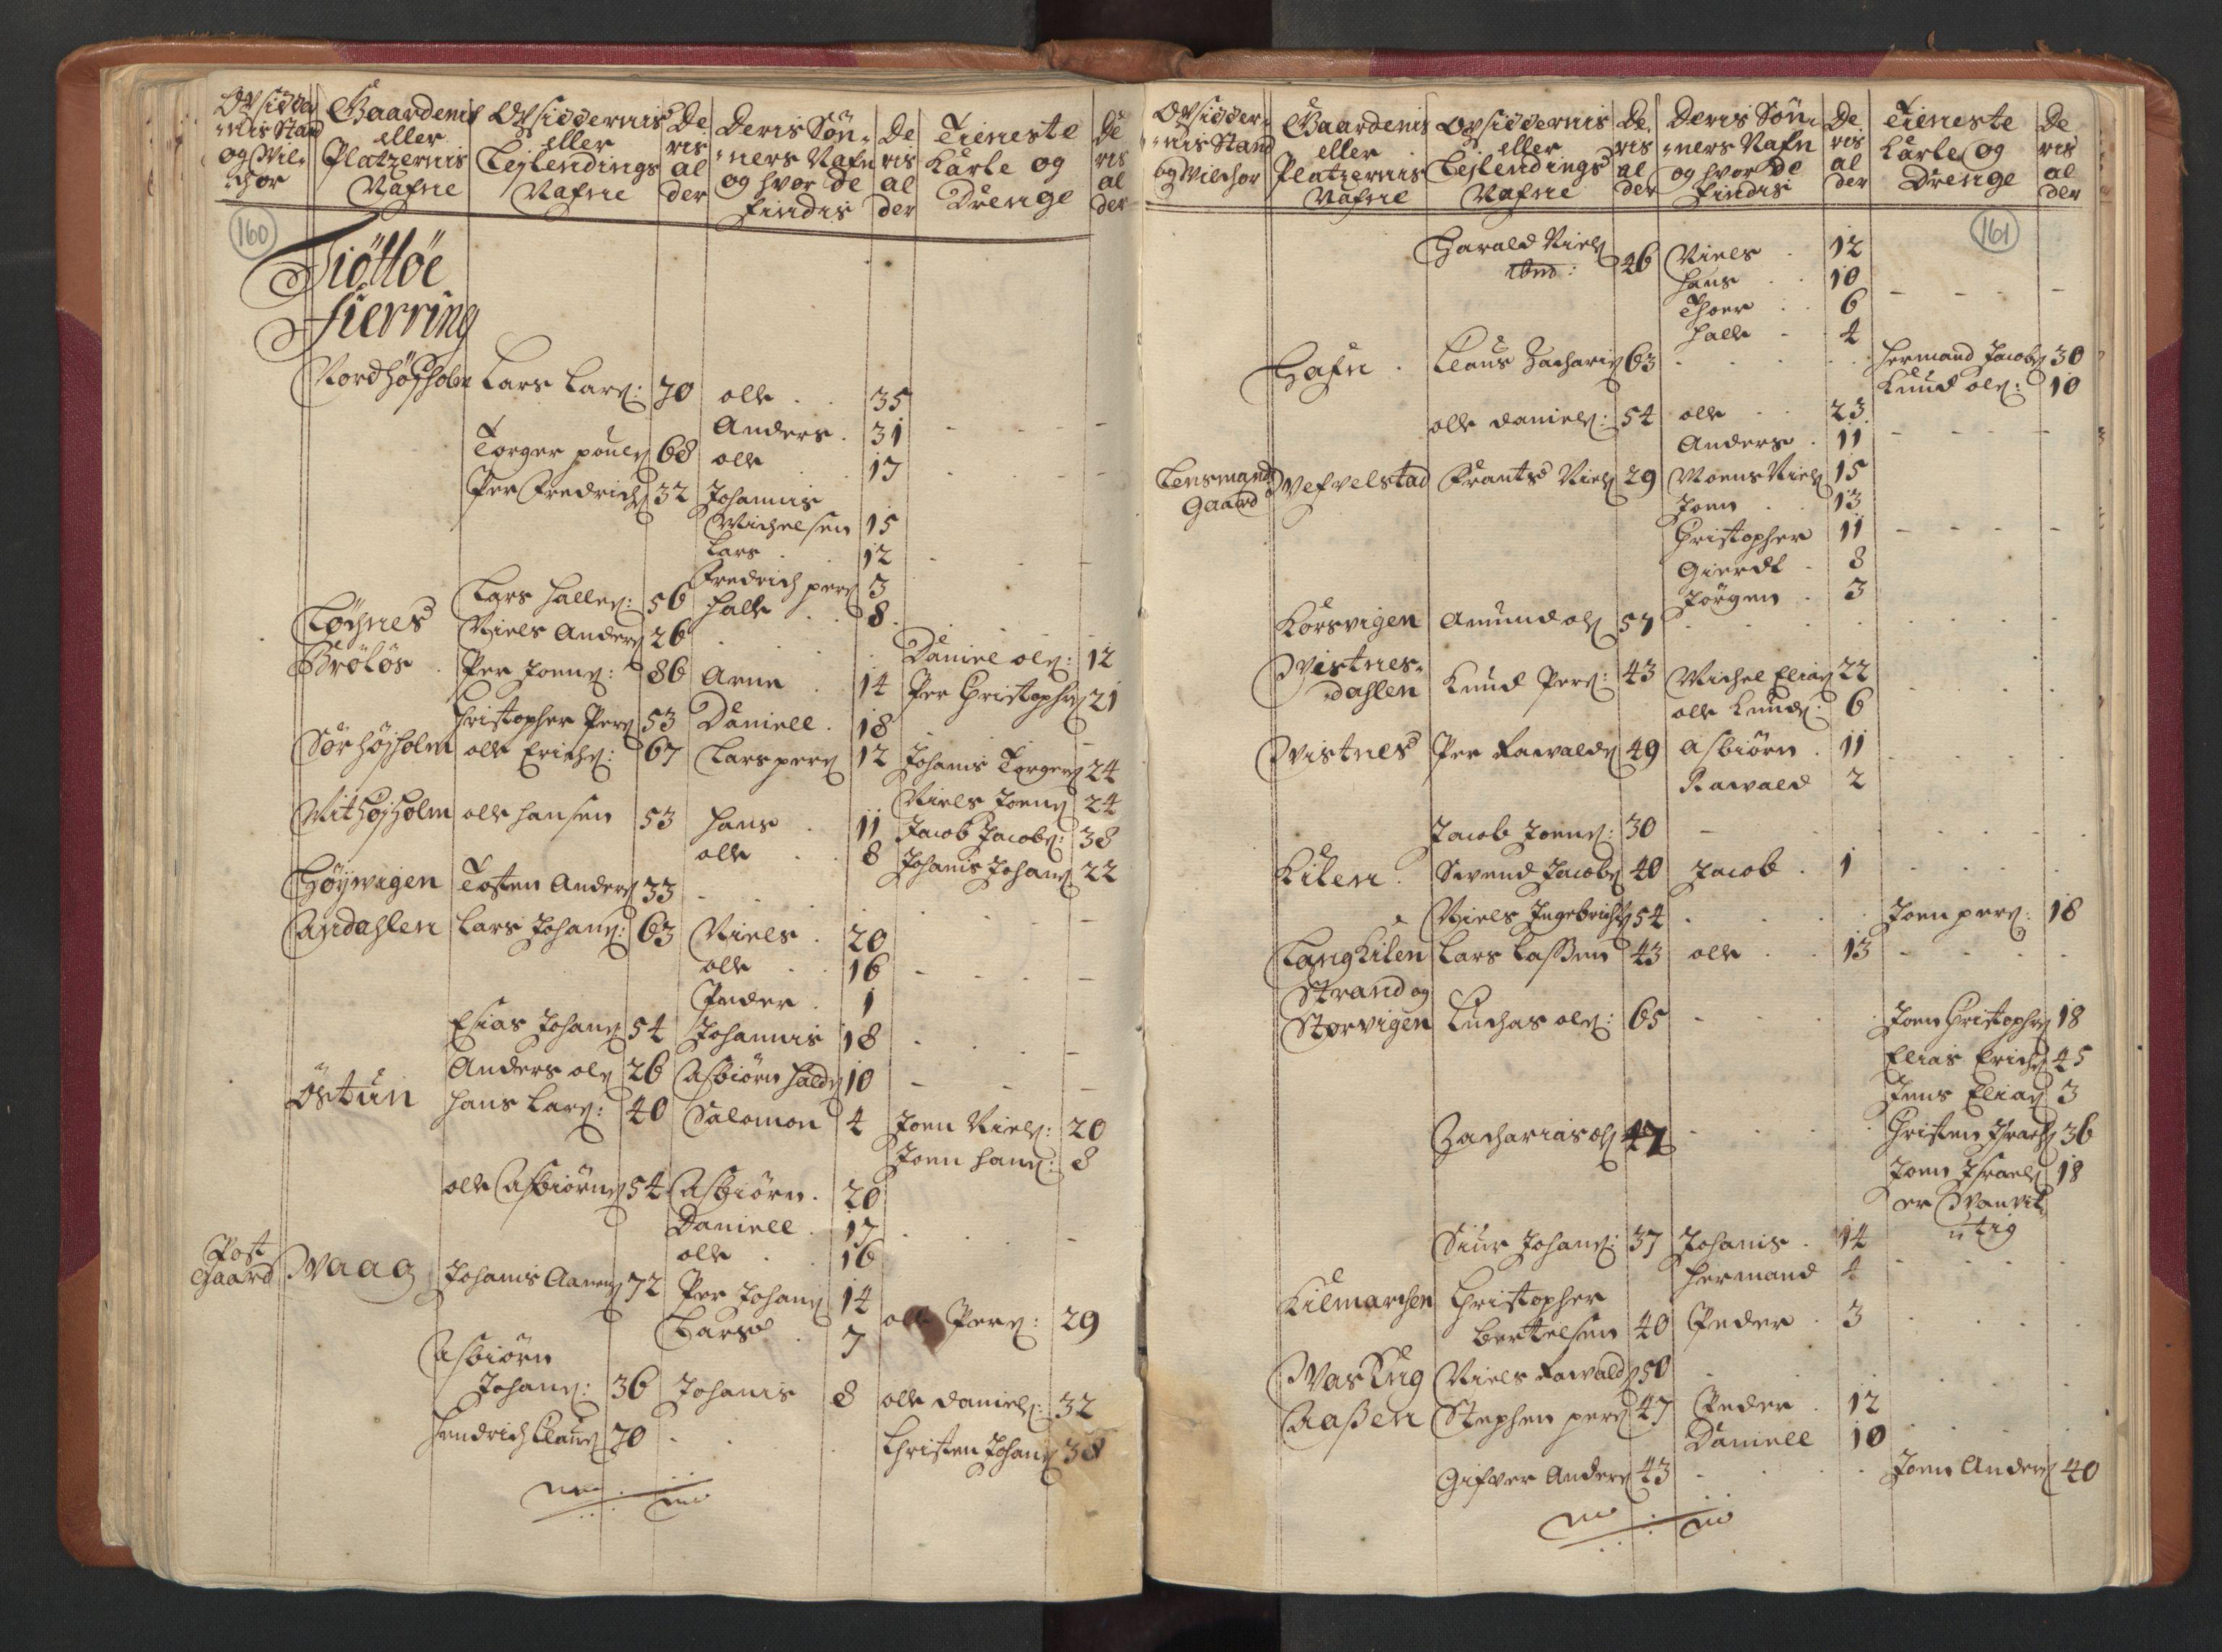 RA, Manntallet 1701, nr. 16: Helgeland fogderi, 1701, s. 160-161